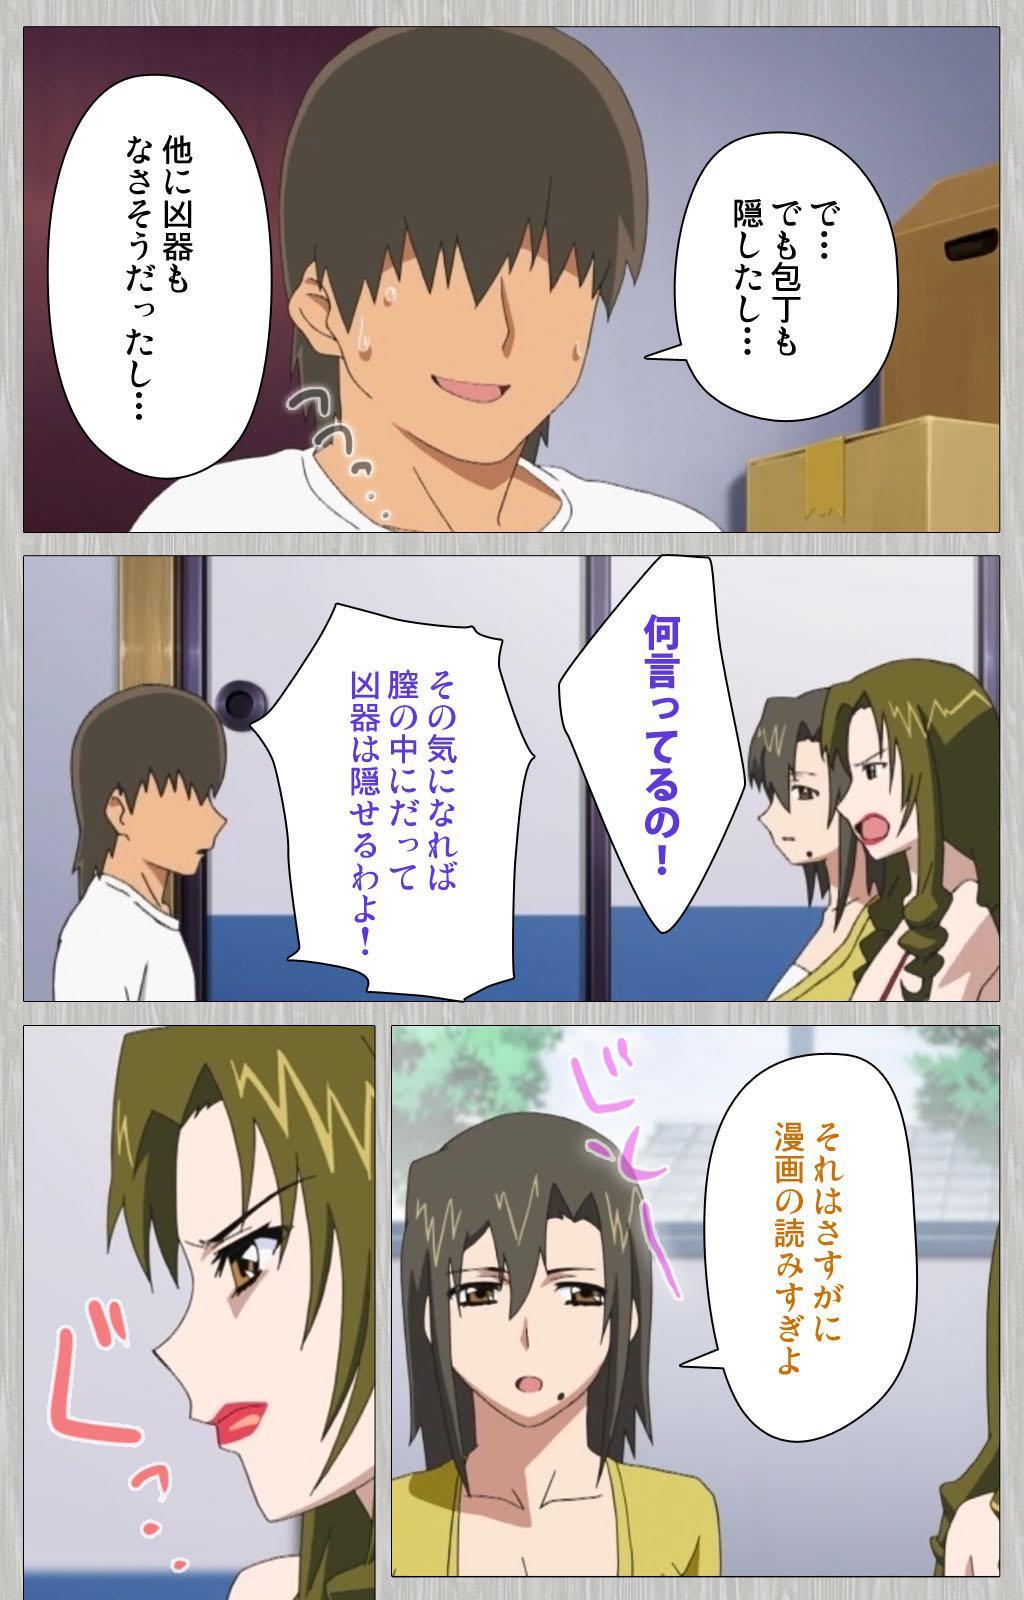 Tsuma no haha Sayuri Kanzenban 134